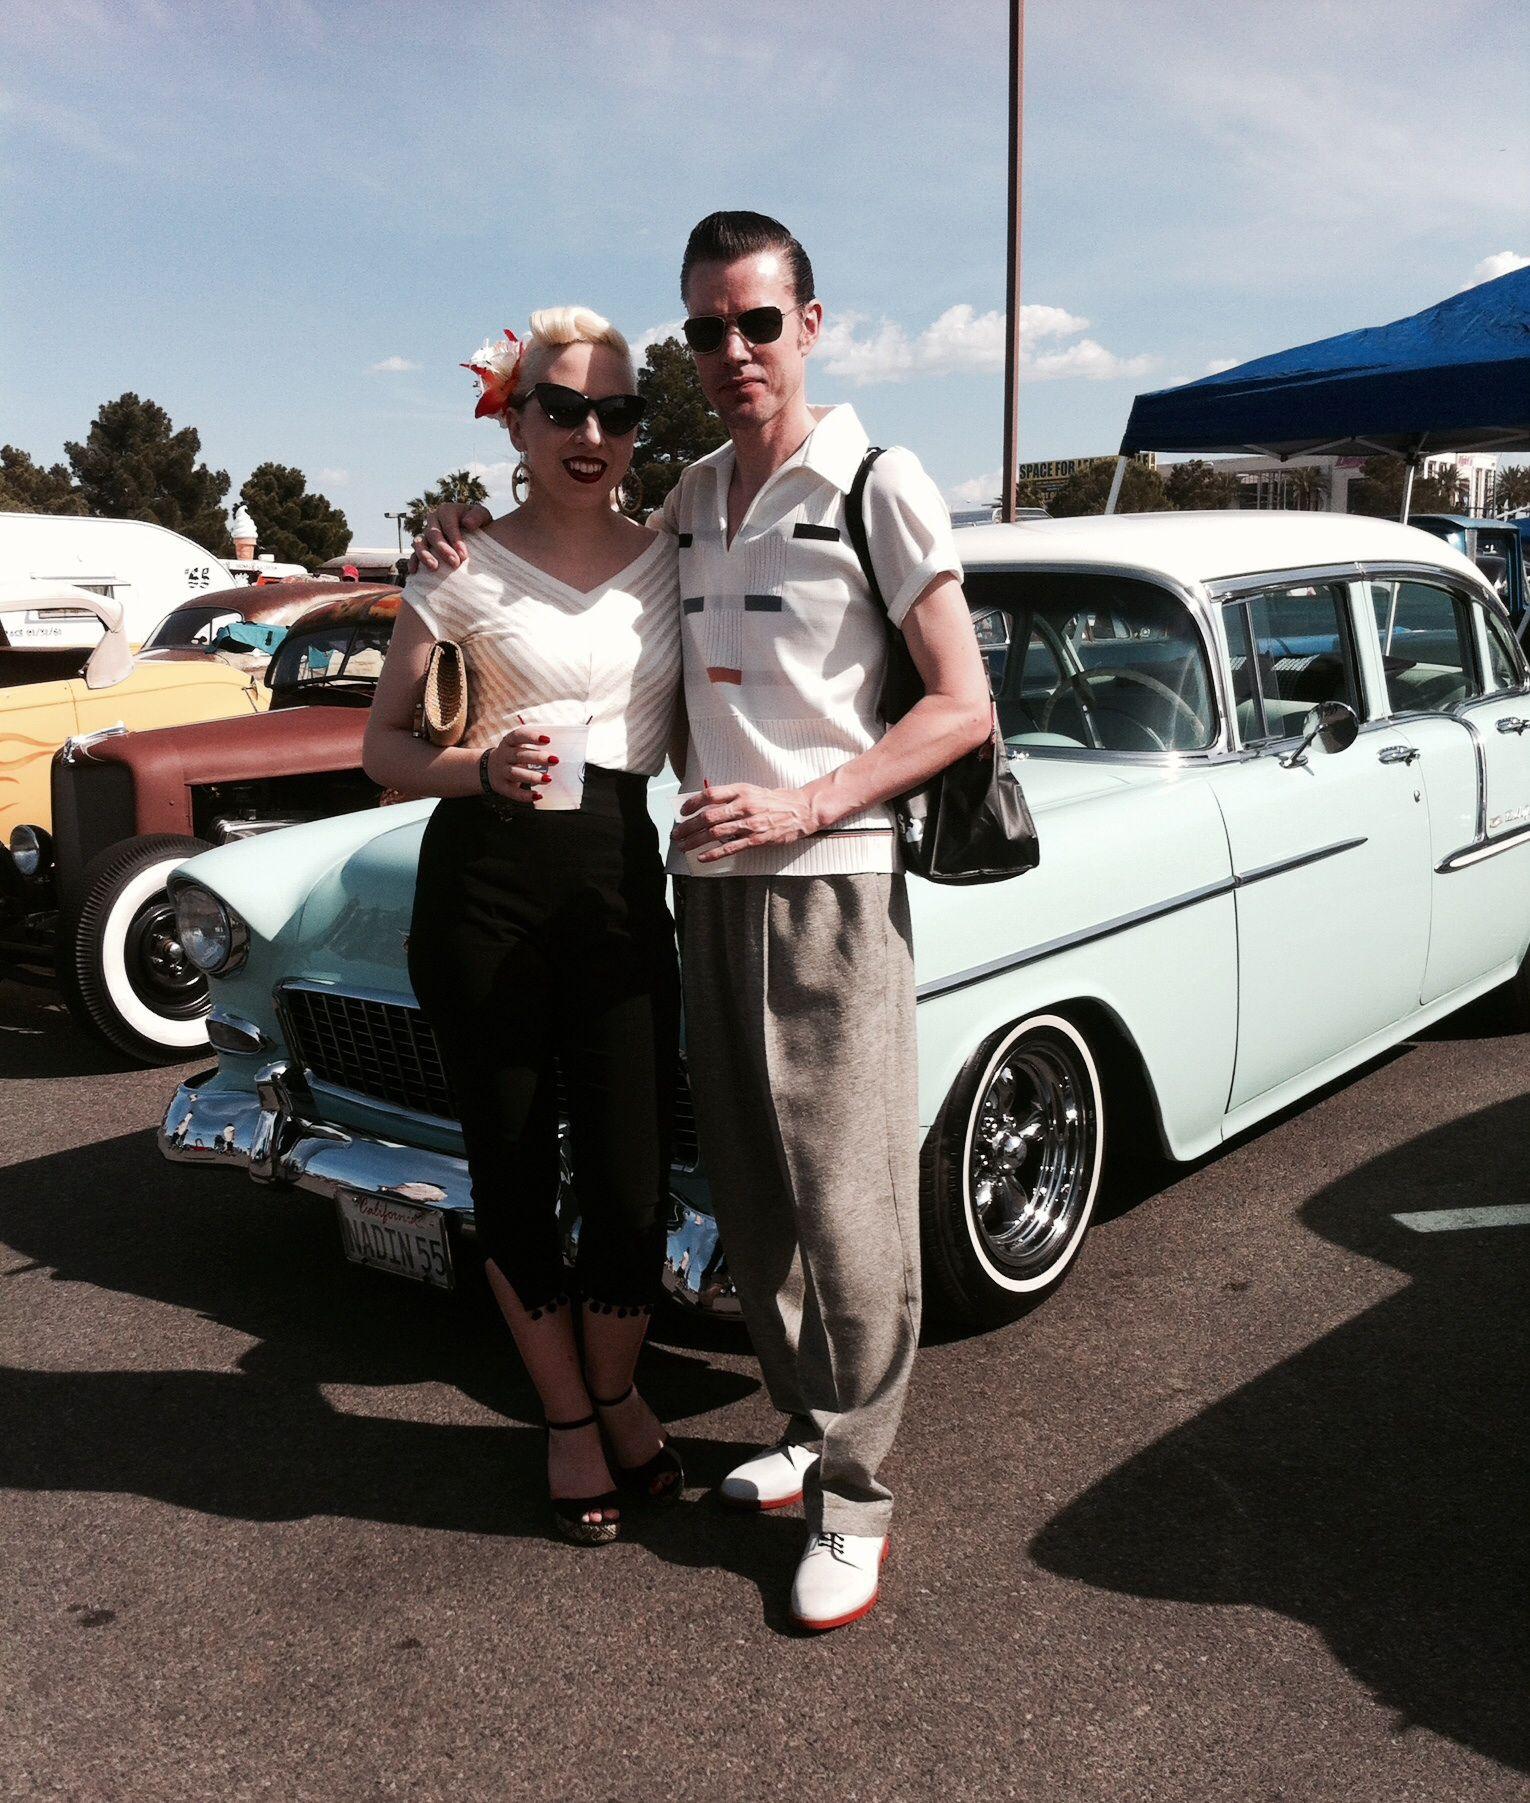 VLV17, Viva Las Vegas, Viva Las Vegas Car Show, Vlv17 Car